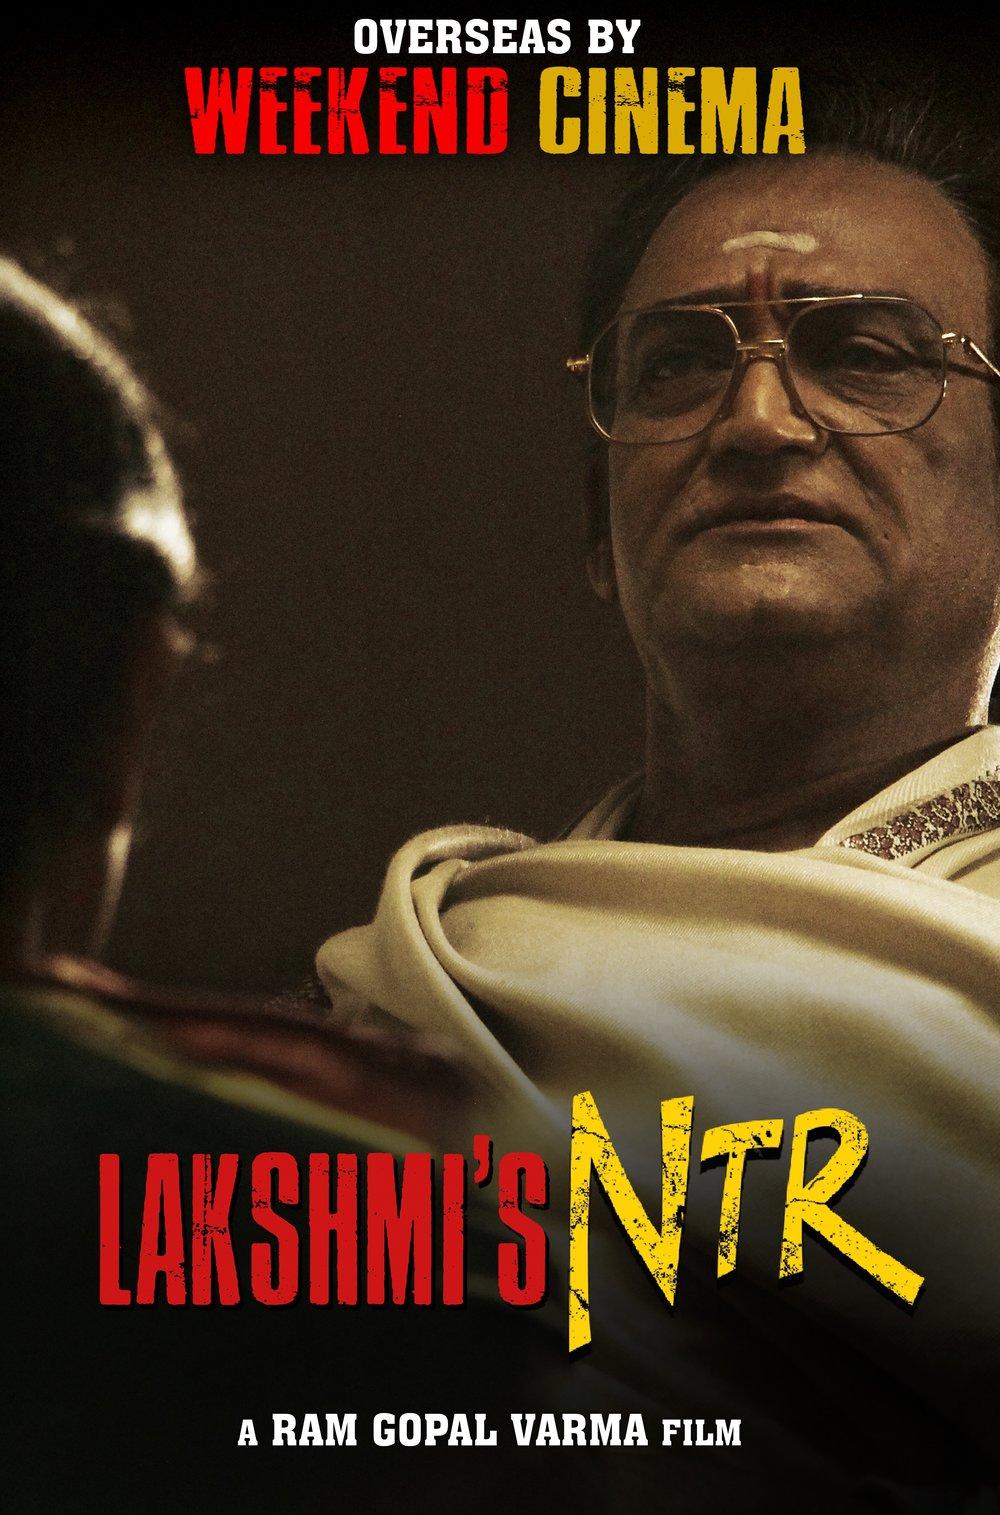 Lakshmi's NTR_Fandango_Poster.jpg